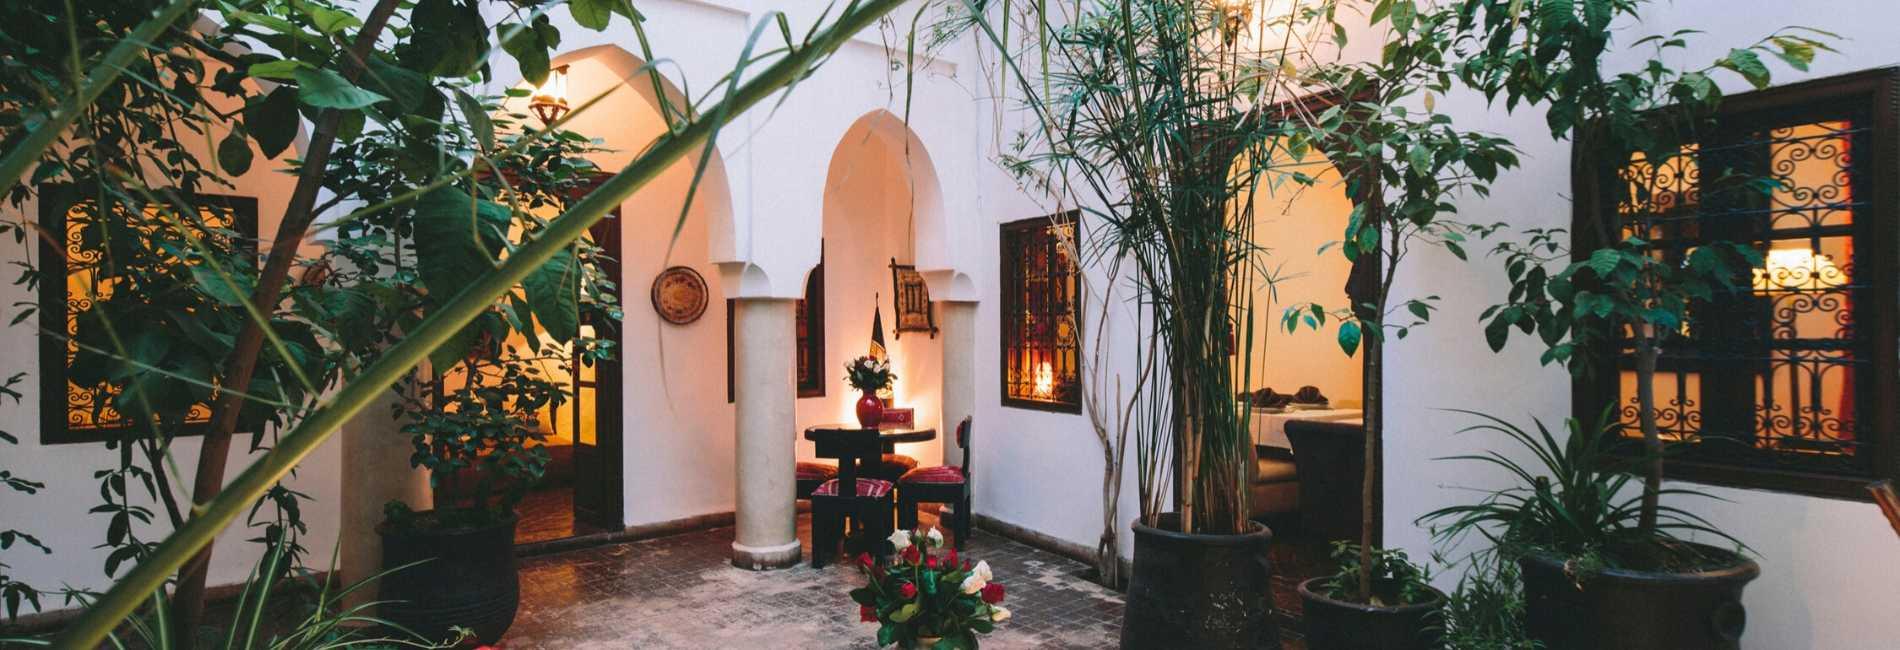 lush courtyard marrakech riad